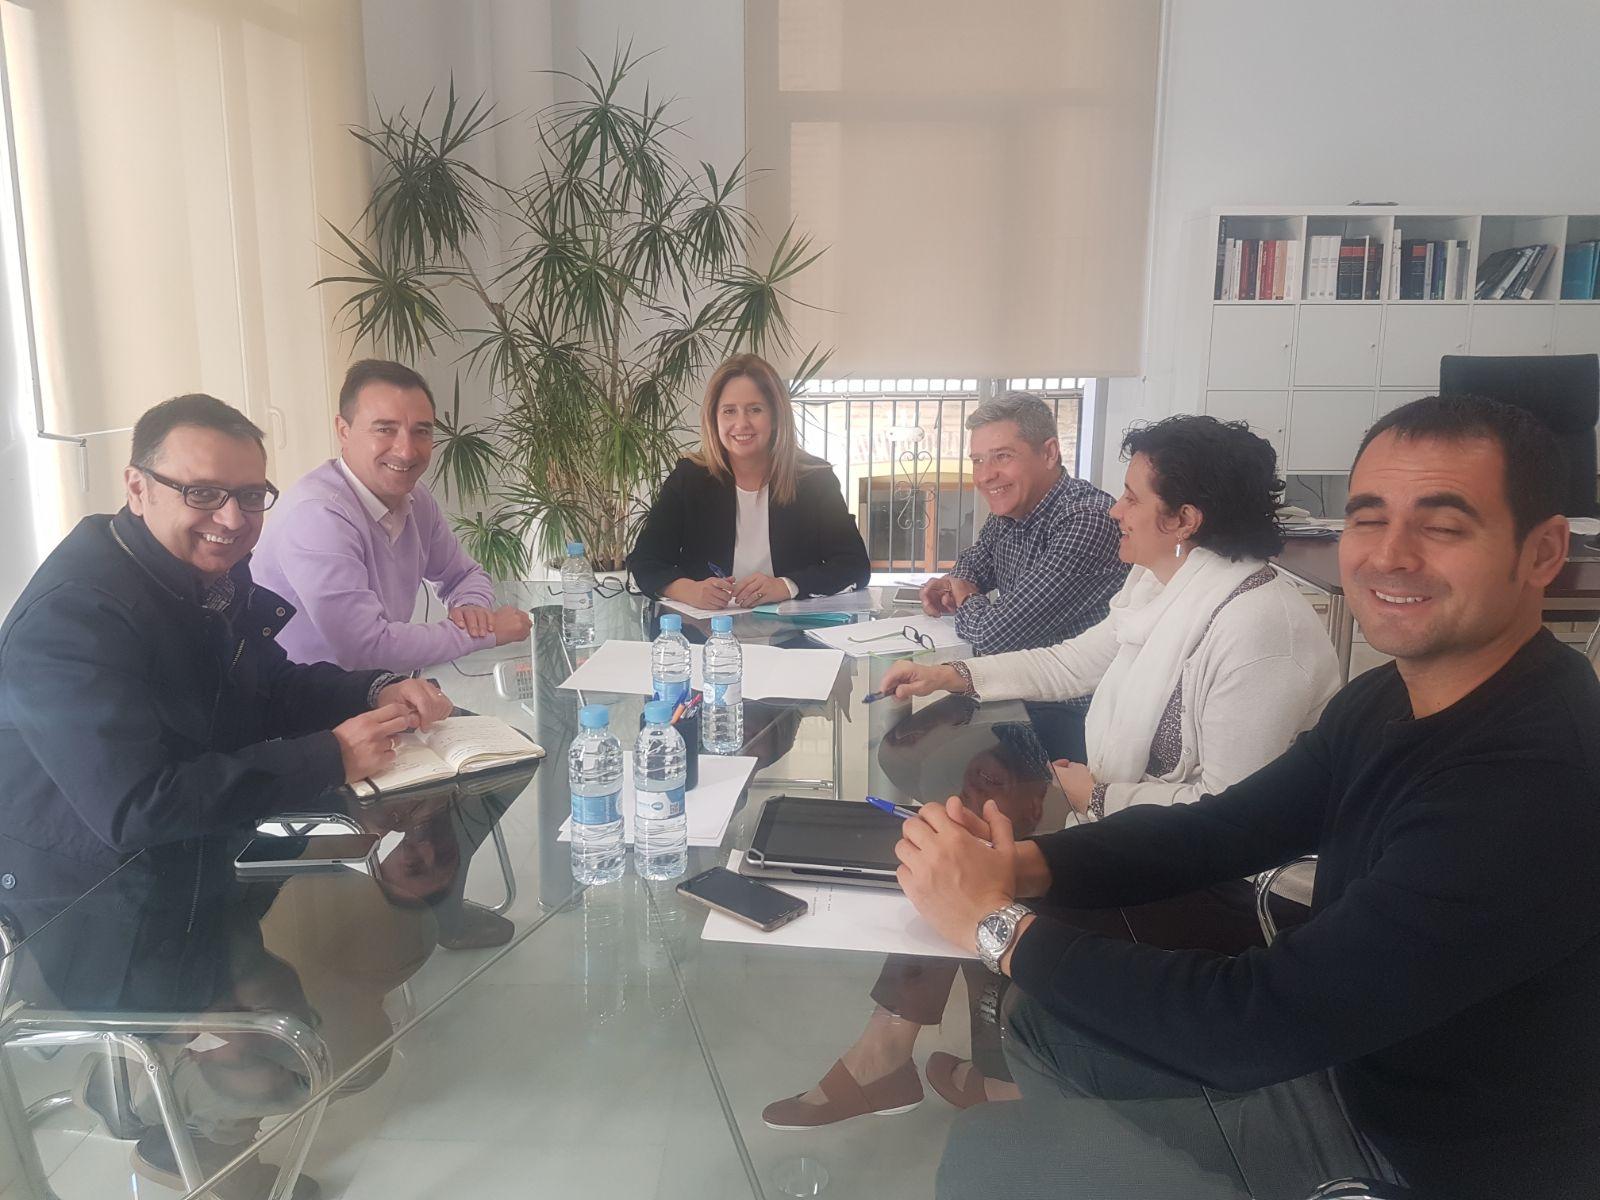 La directora general de la Entidad Pública de Infraestructuras de la Generalitat (EIGE y el alcalde de Riba-roja se han reunido para analizar el impulso y las mejoras de gestión previstas en 2018.